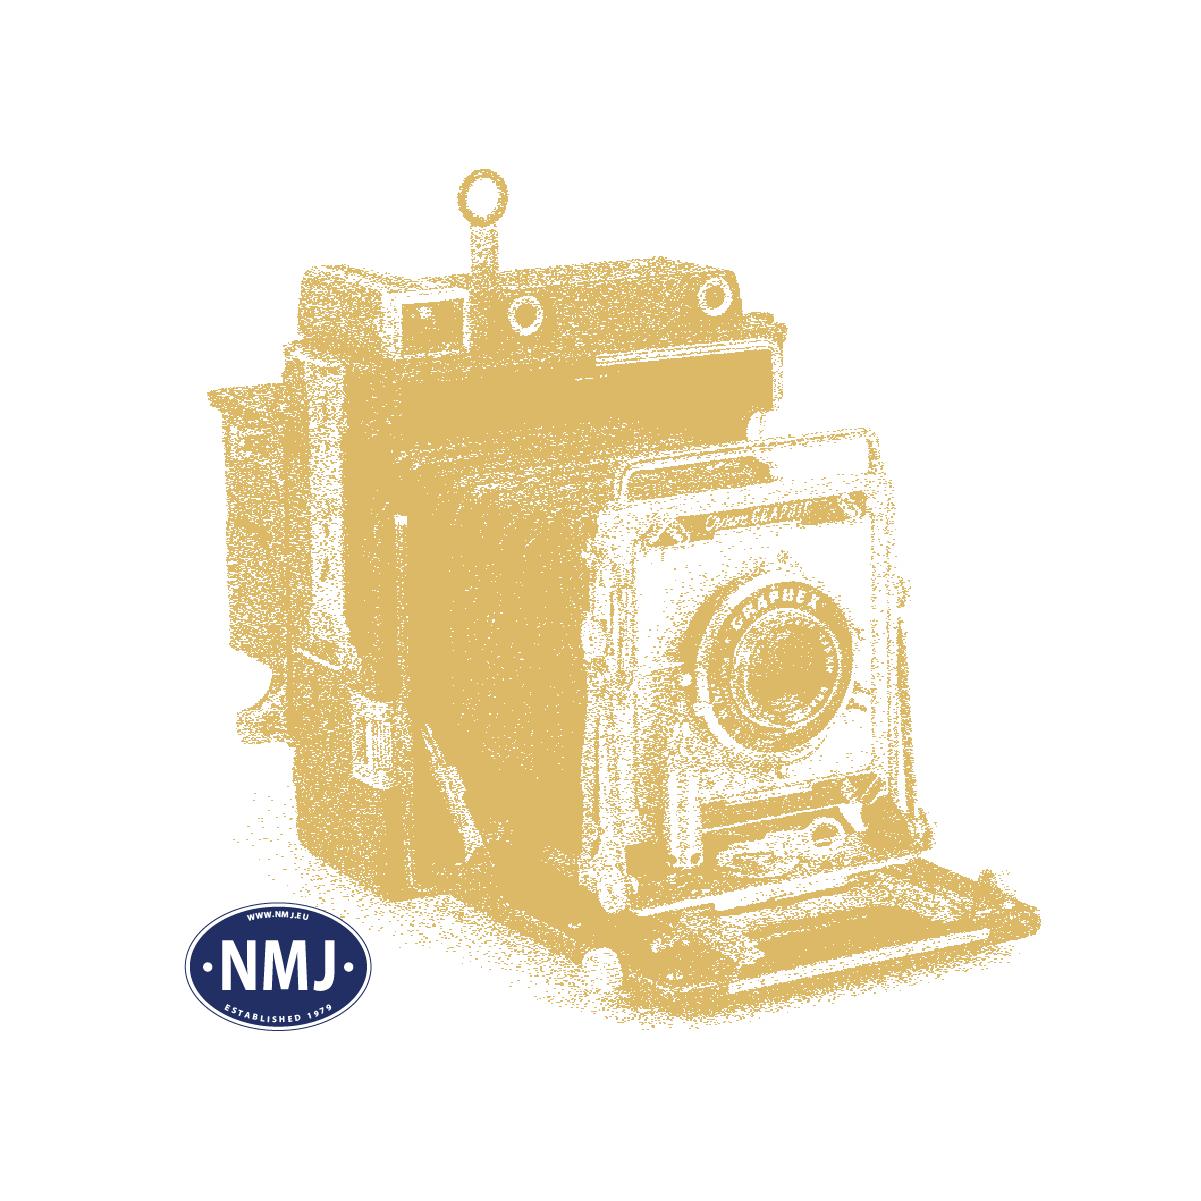 NMJT122.211 - NMJ Topline NSB B7-4 27024 fra 1995-2006